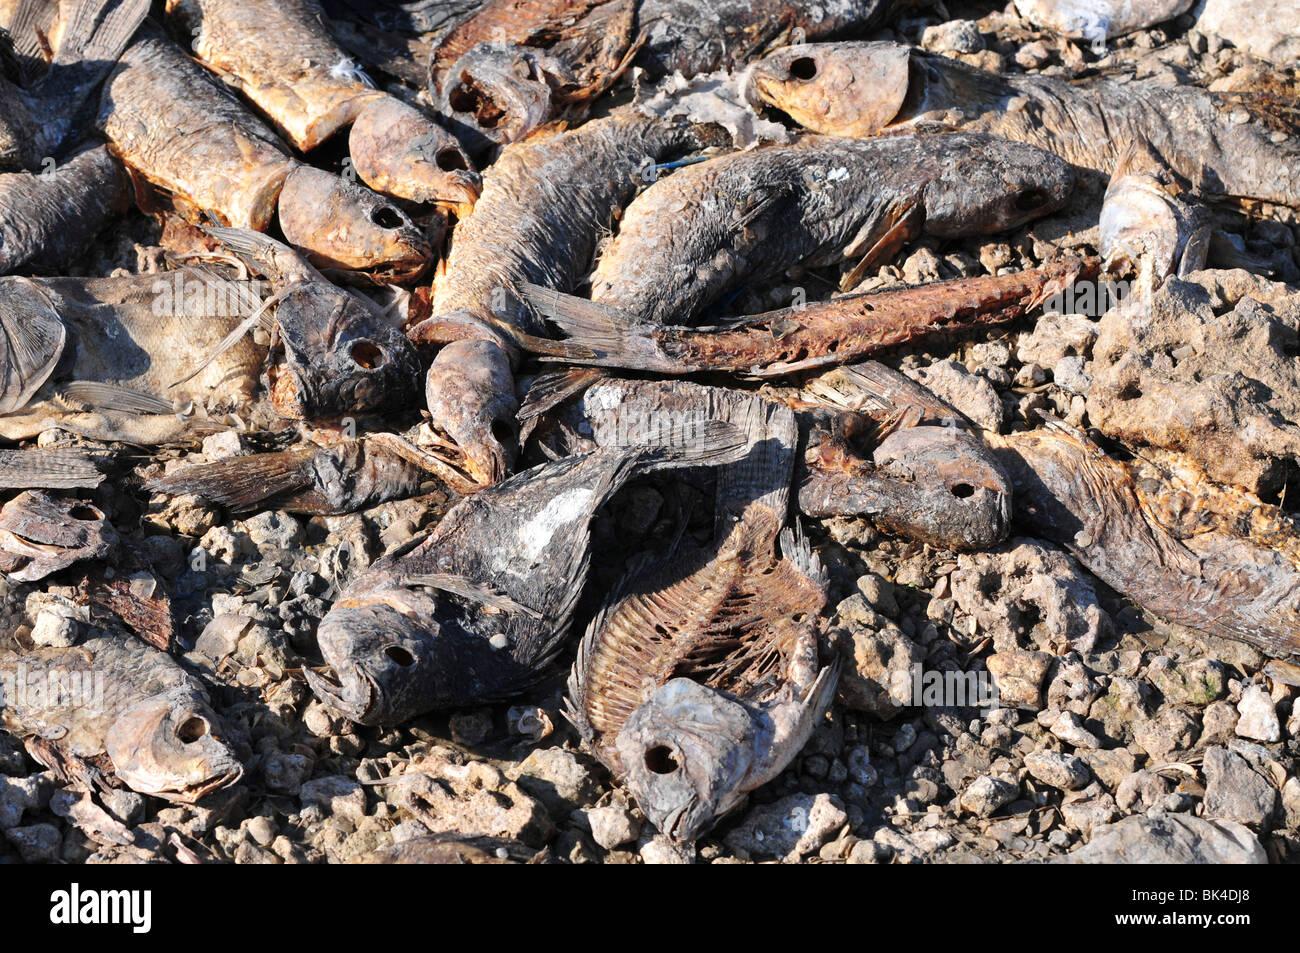 La décomposition des morts dans un poisson séché extérieure montrant l'effet de la sécheresse Photo Stock